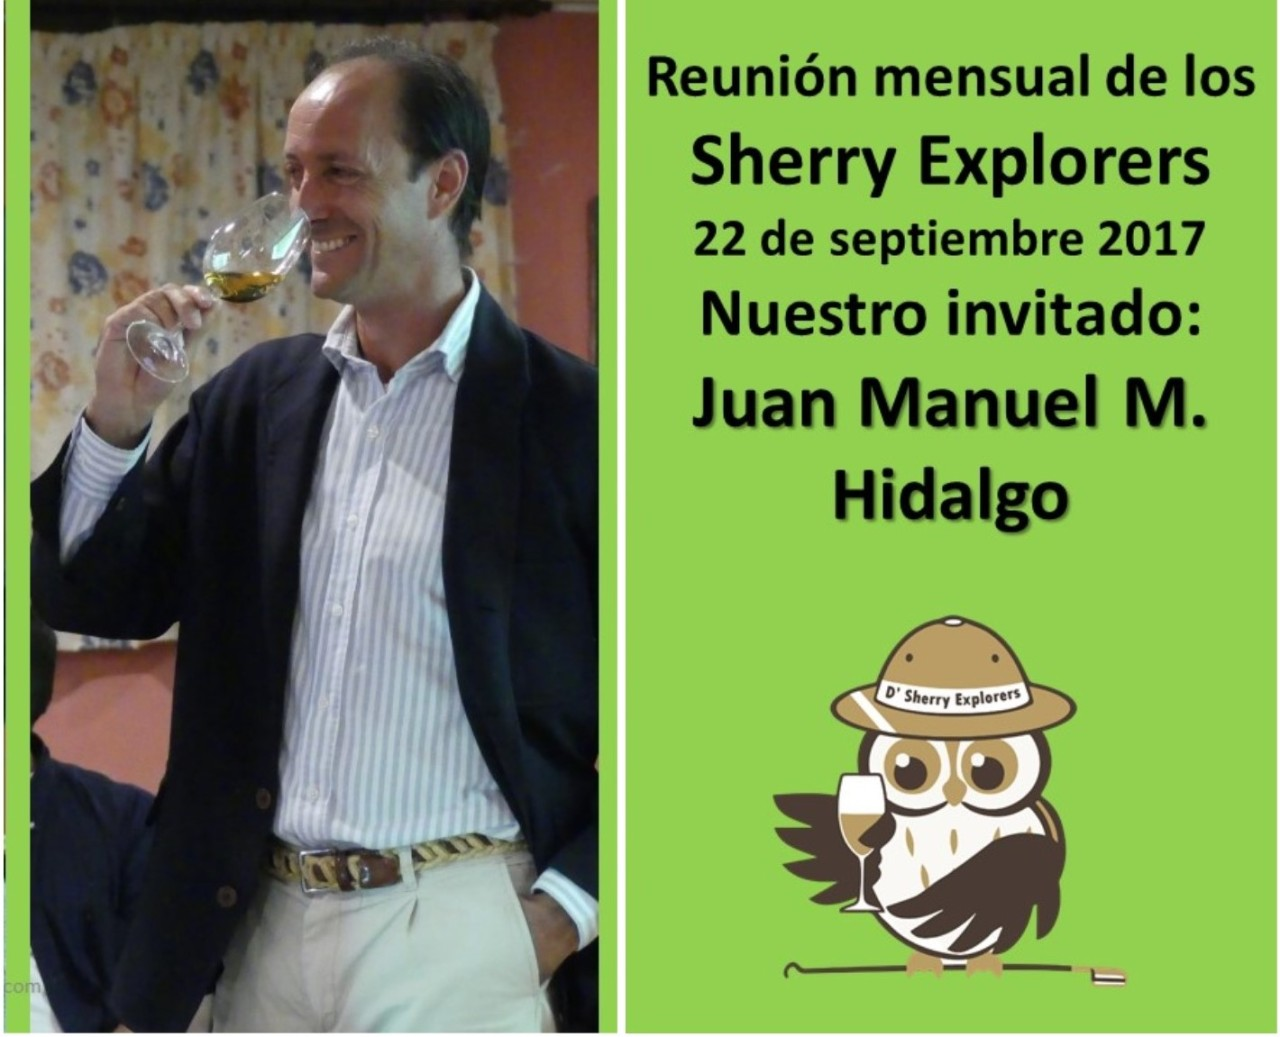 Bodegas Emilio Hidalgo en la reunión de los Sherry Explorers/The Emilio Hidalgo winery at the Sherry Explorers´meeting